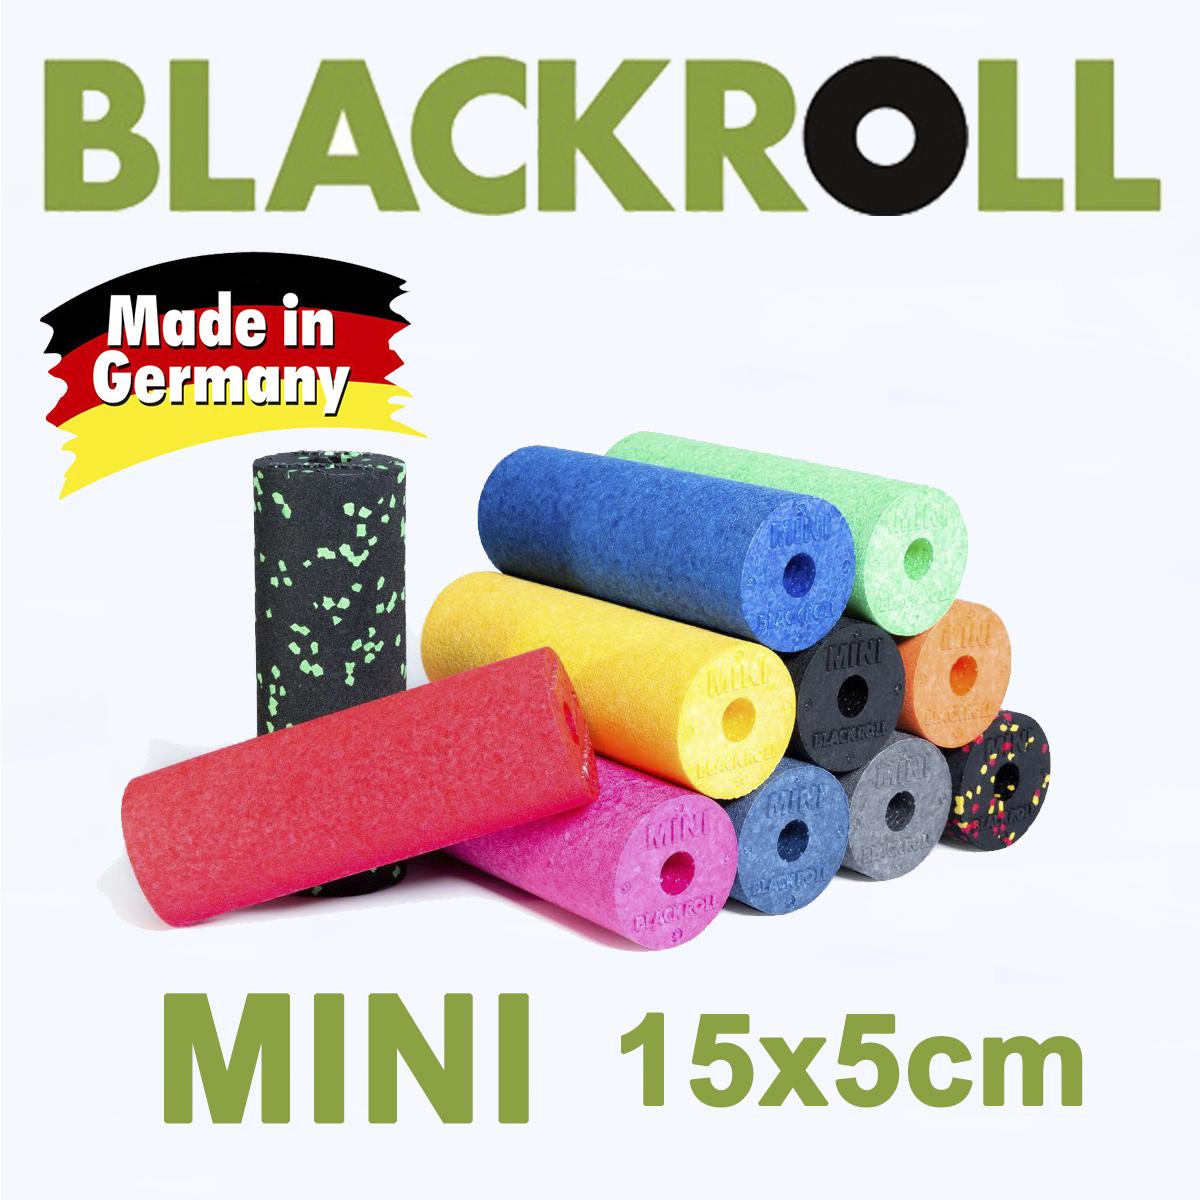 德國進口BLACKROLL 迷你mini 泡沫軸 足底筋膜 跟腱 網球肘 放鬆